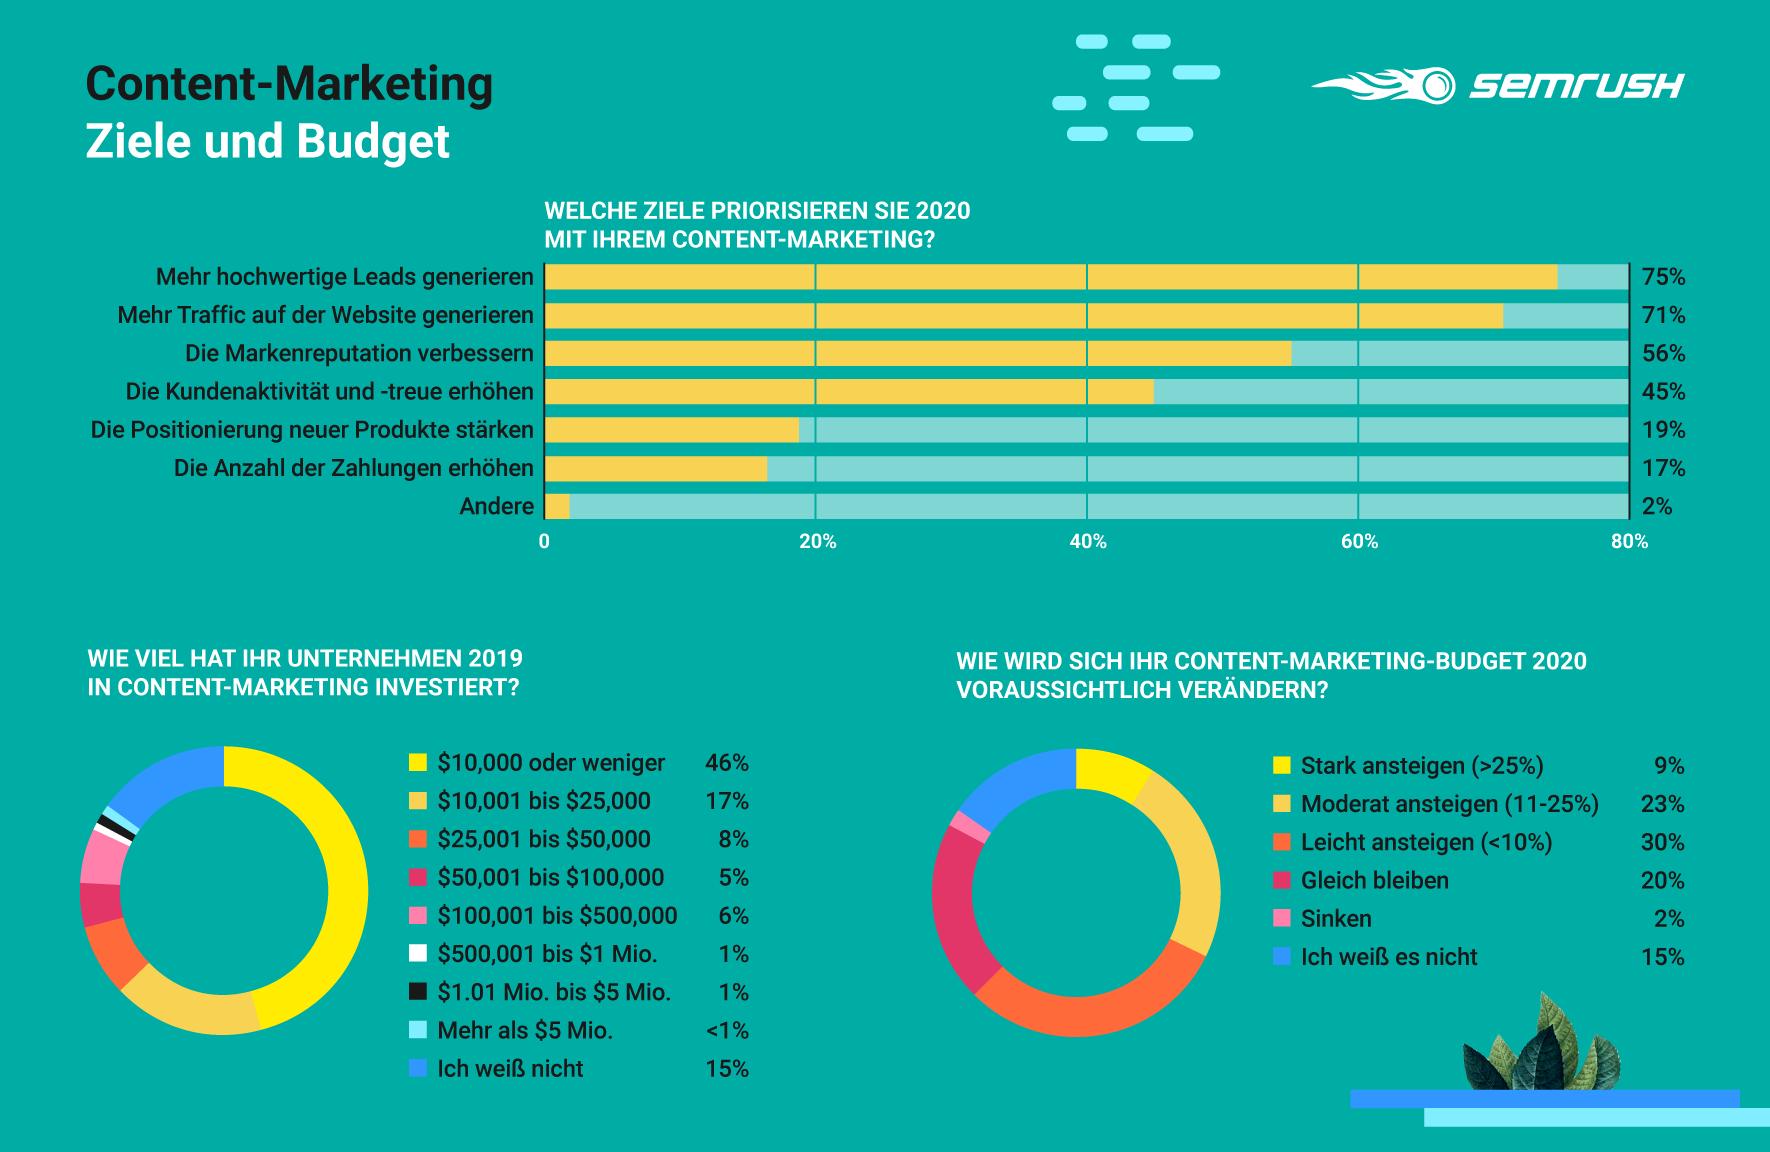 Content-Marketing: Ziele und Budget